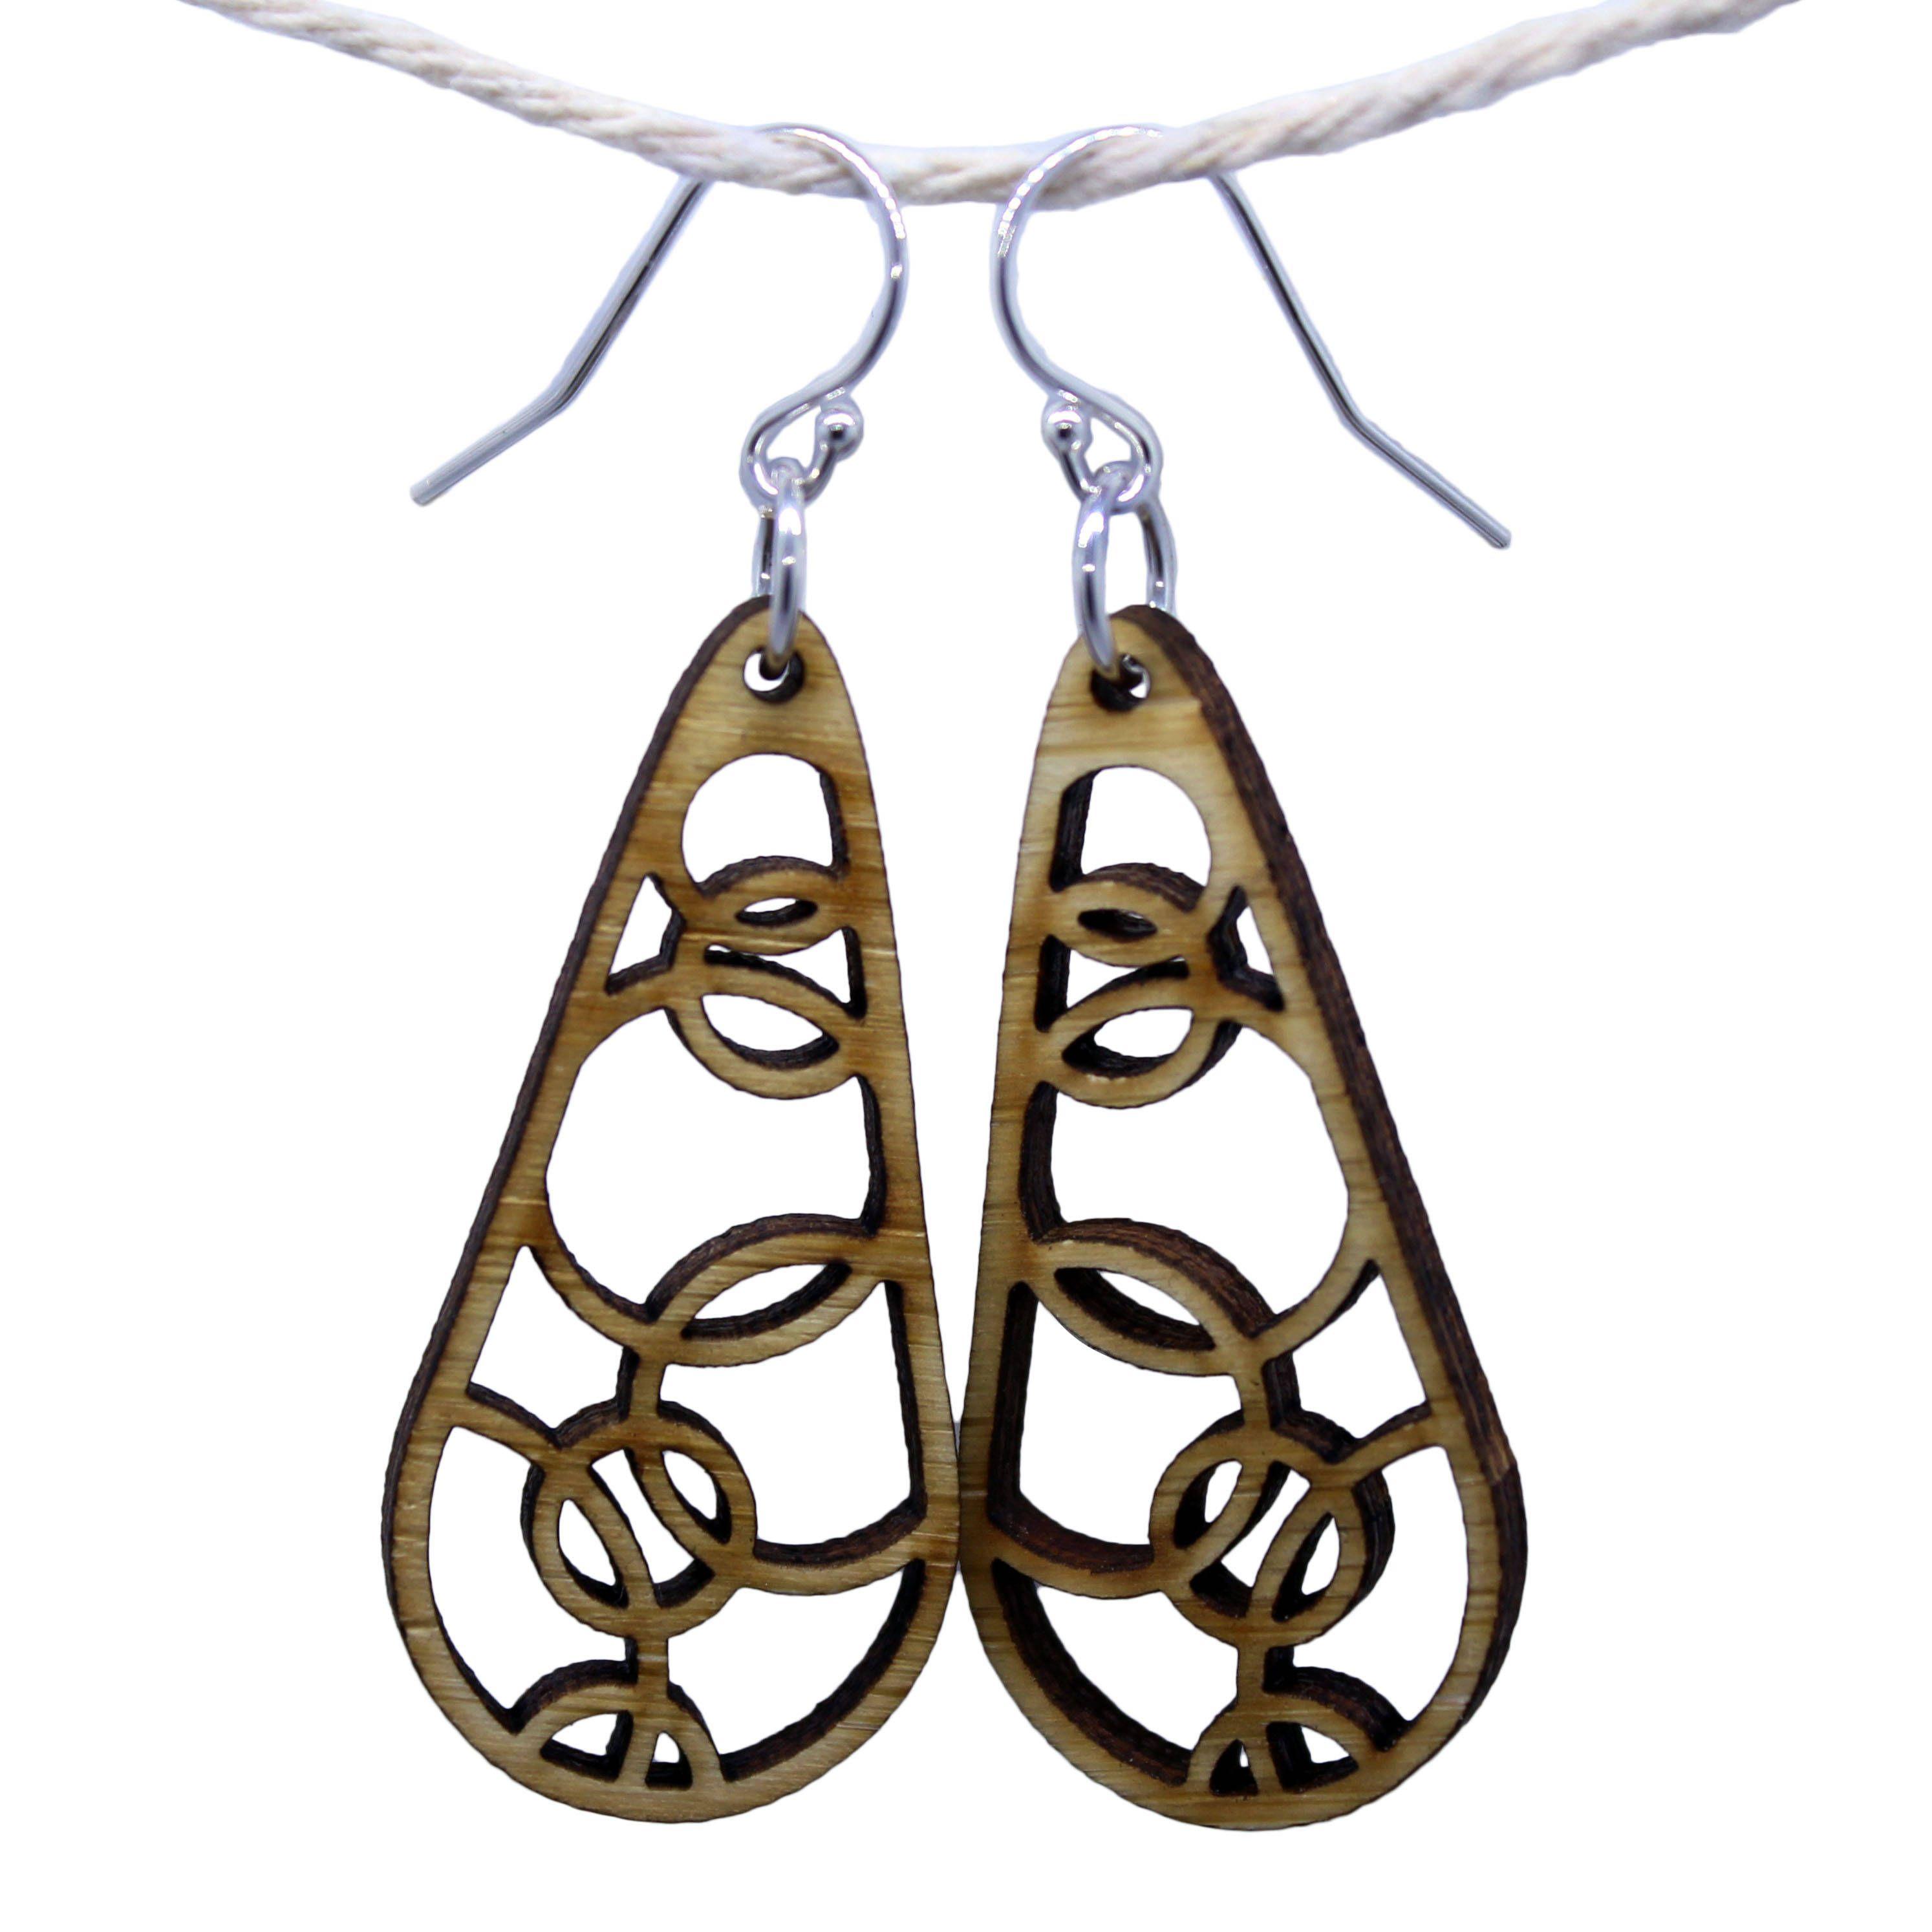 b6d593336 Perfect Gift For Girlfriend, Teardrop Earrings, Boho Earrings, Circle  Pattern, Wooden Earrings